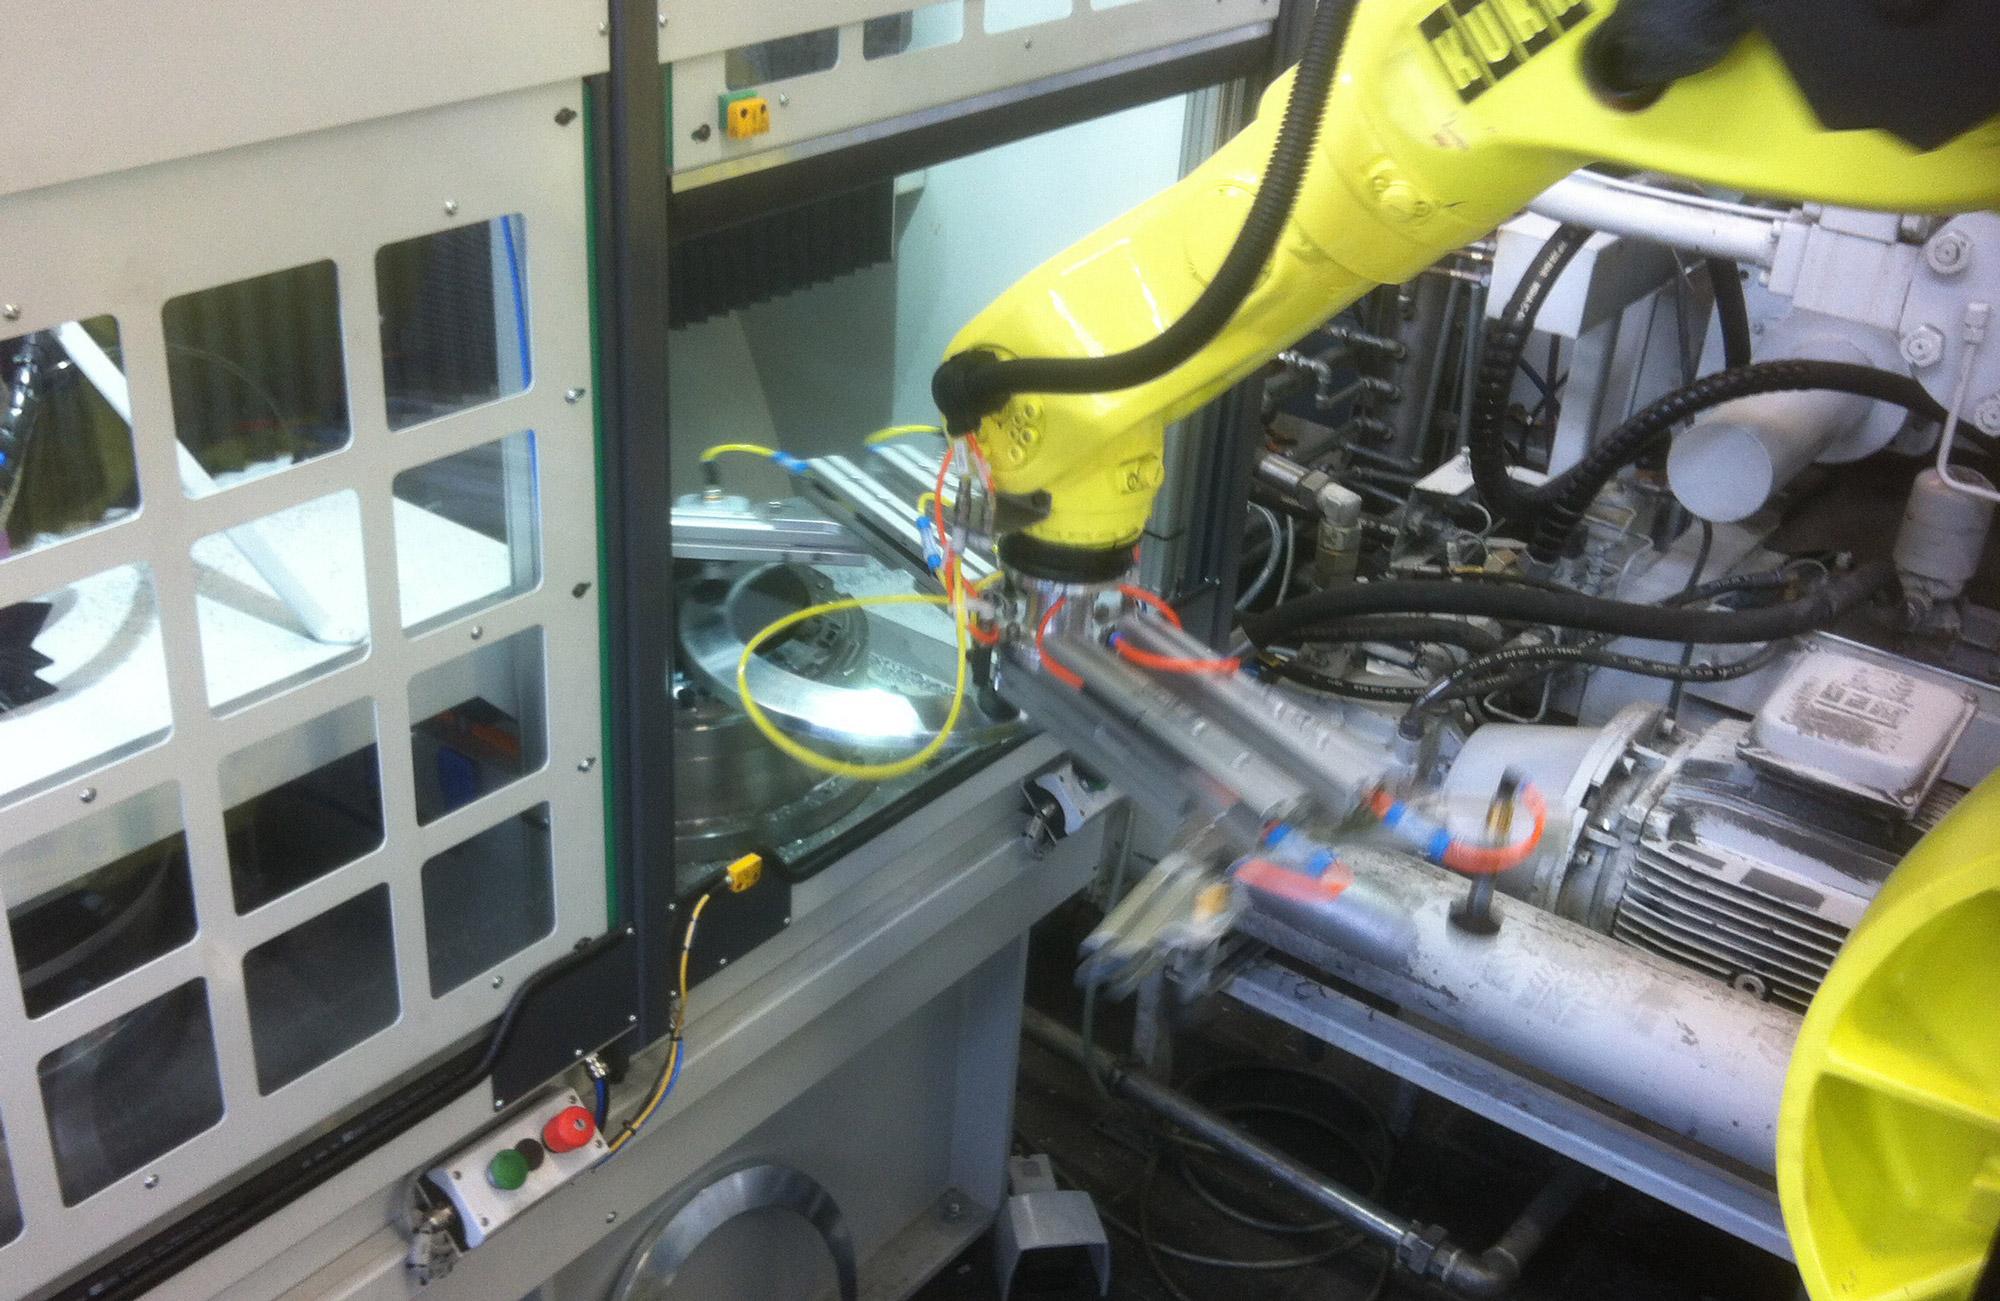 AMT Fertigungszelle mit Roboterbeladung